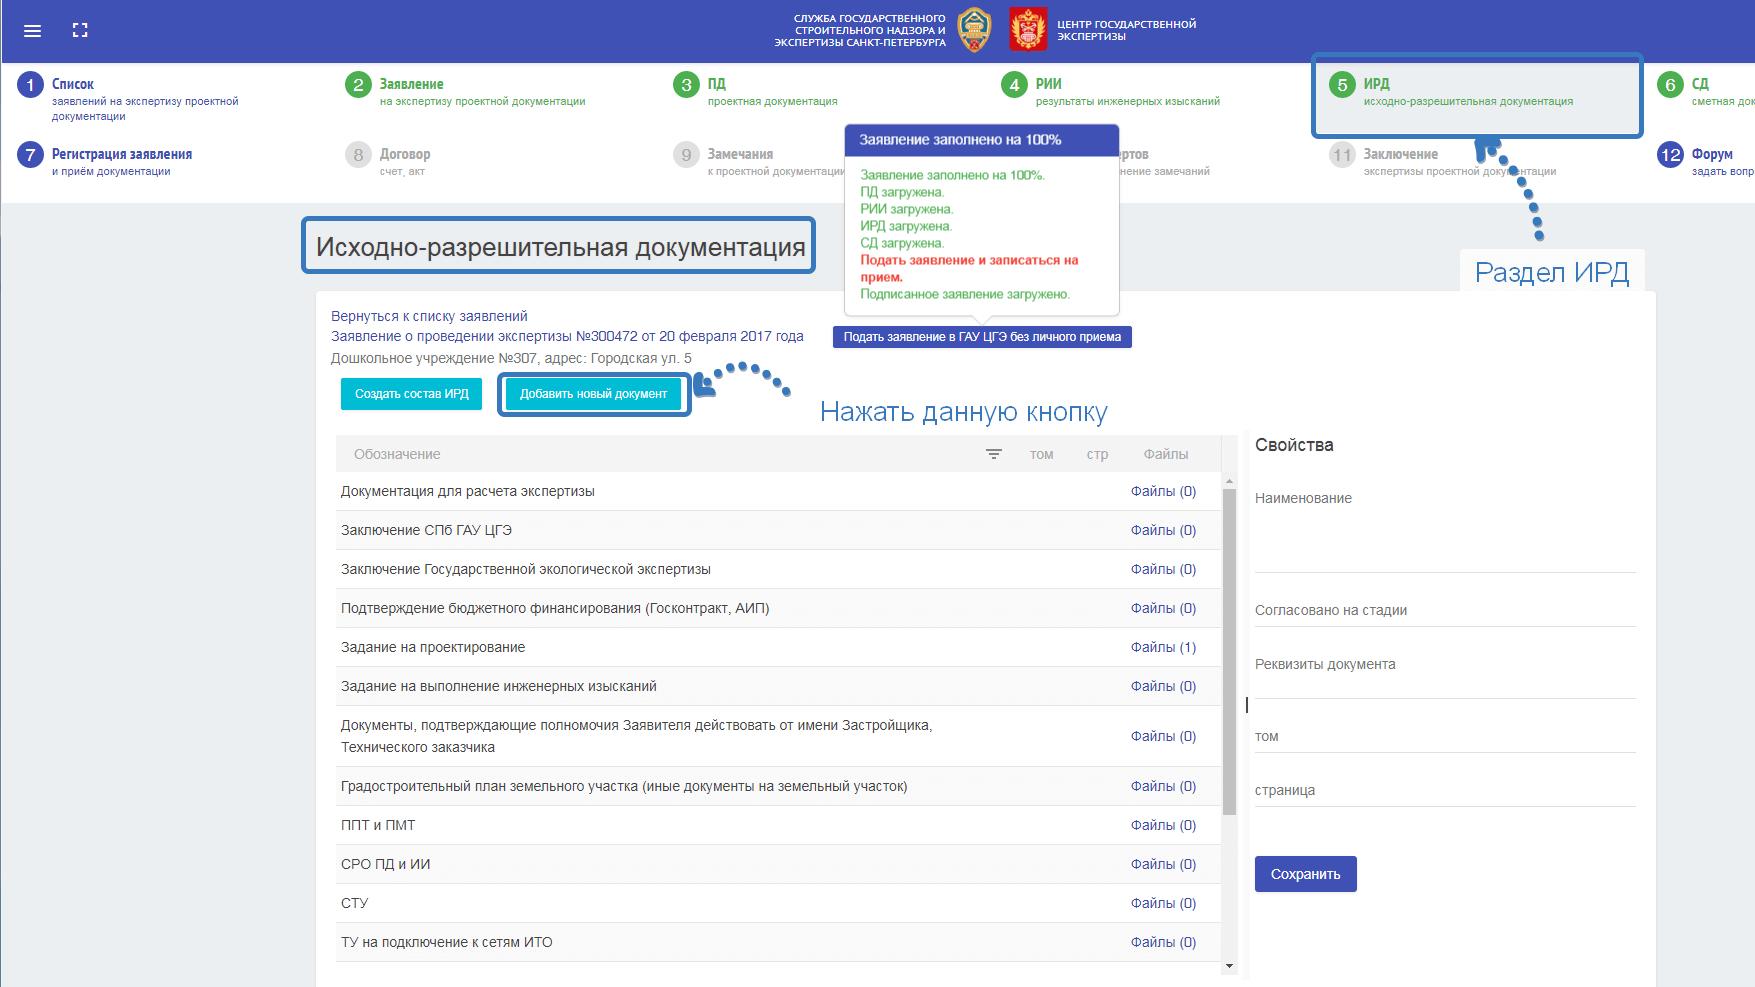 Министерство труда и социальной защиты РФ: Официальный